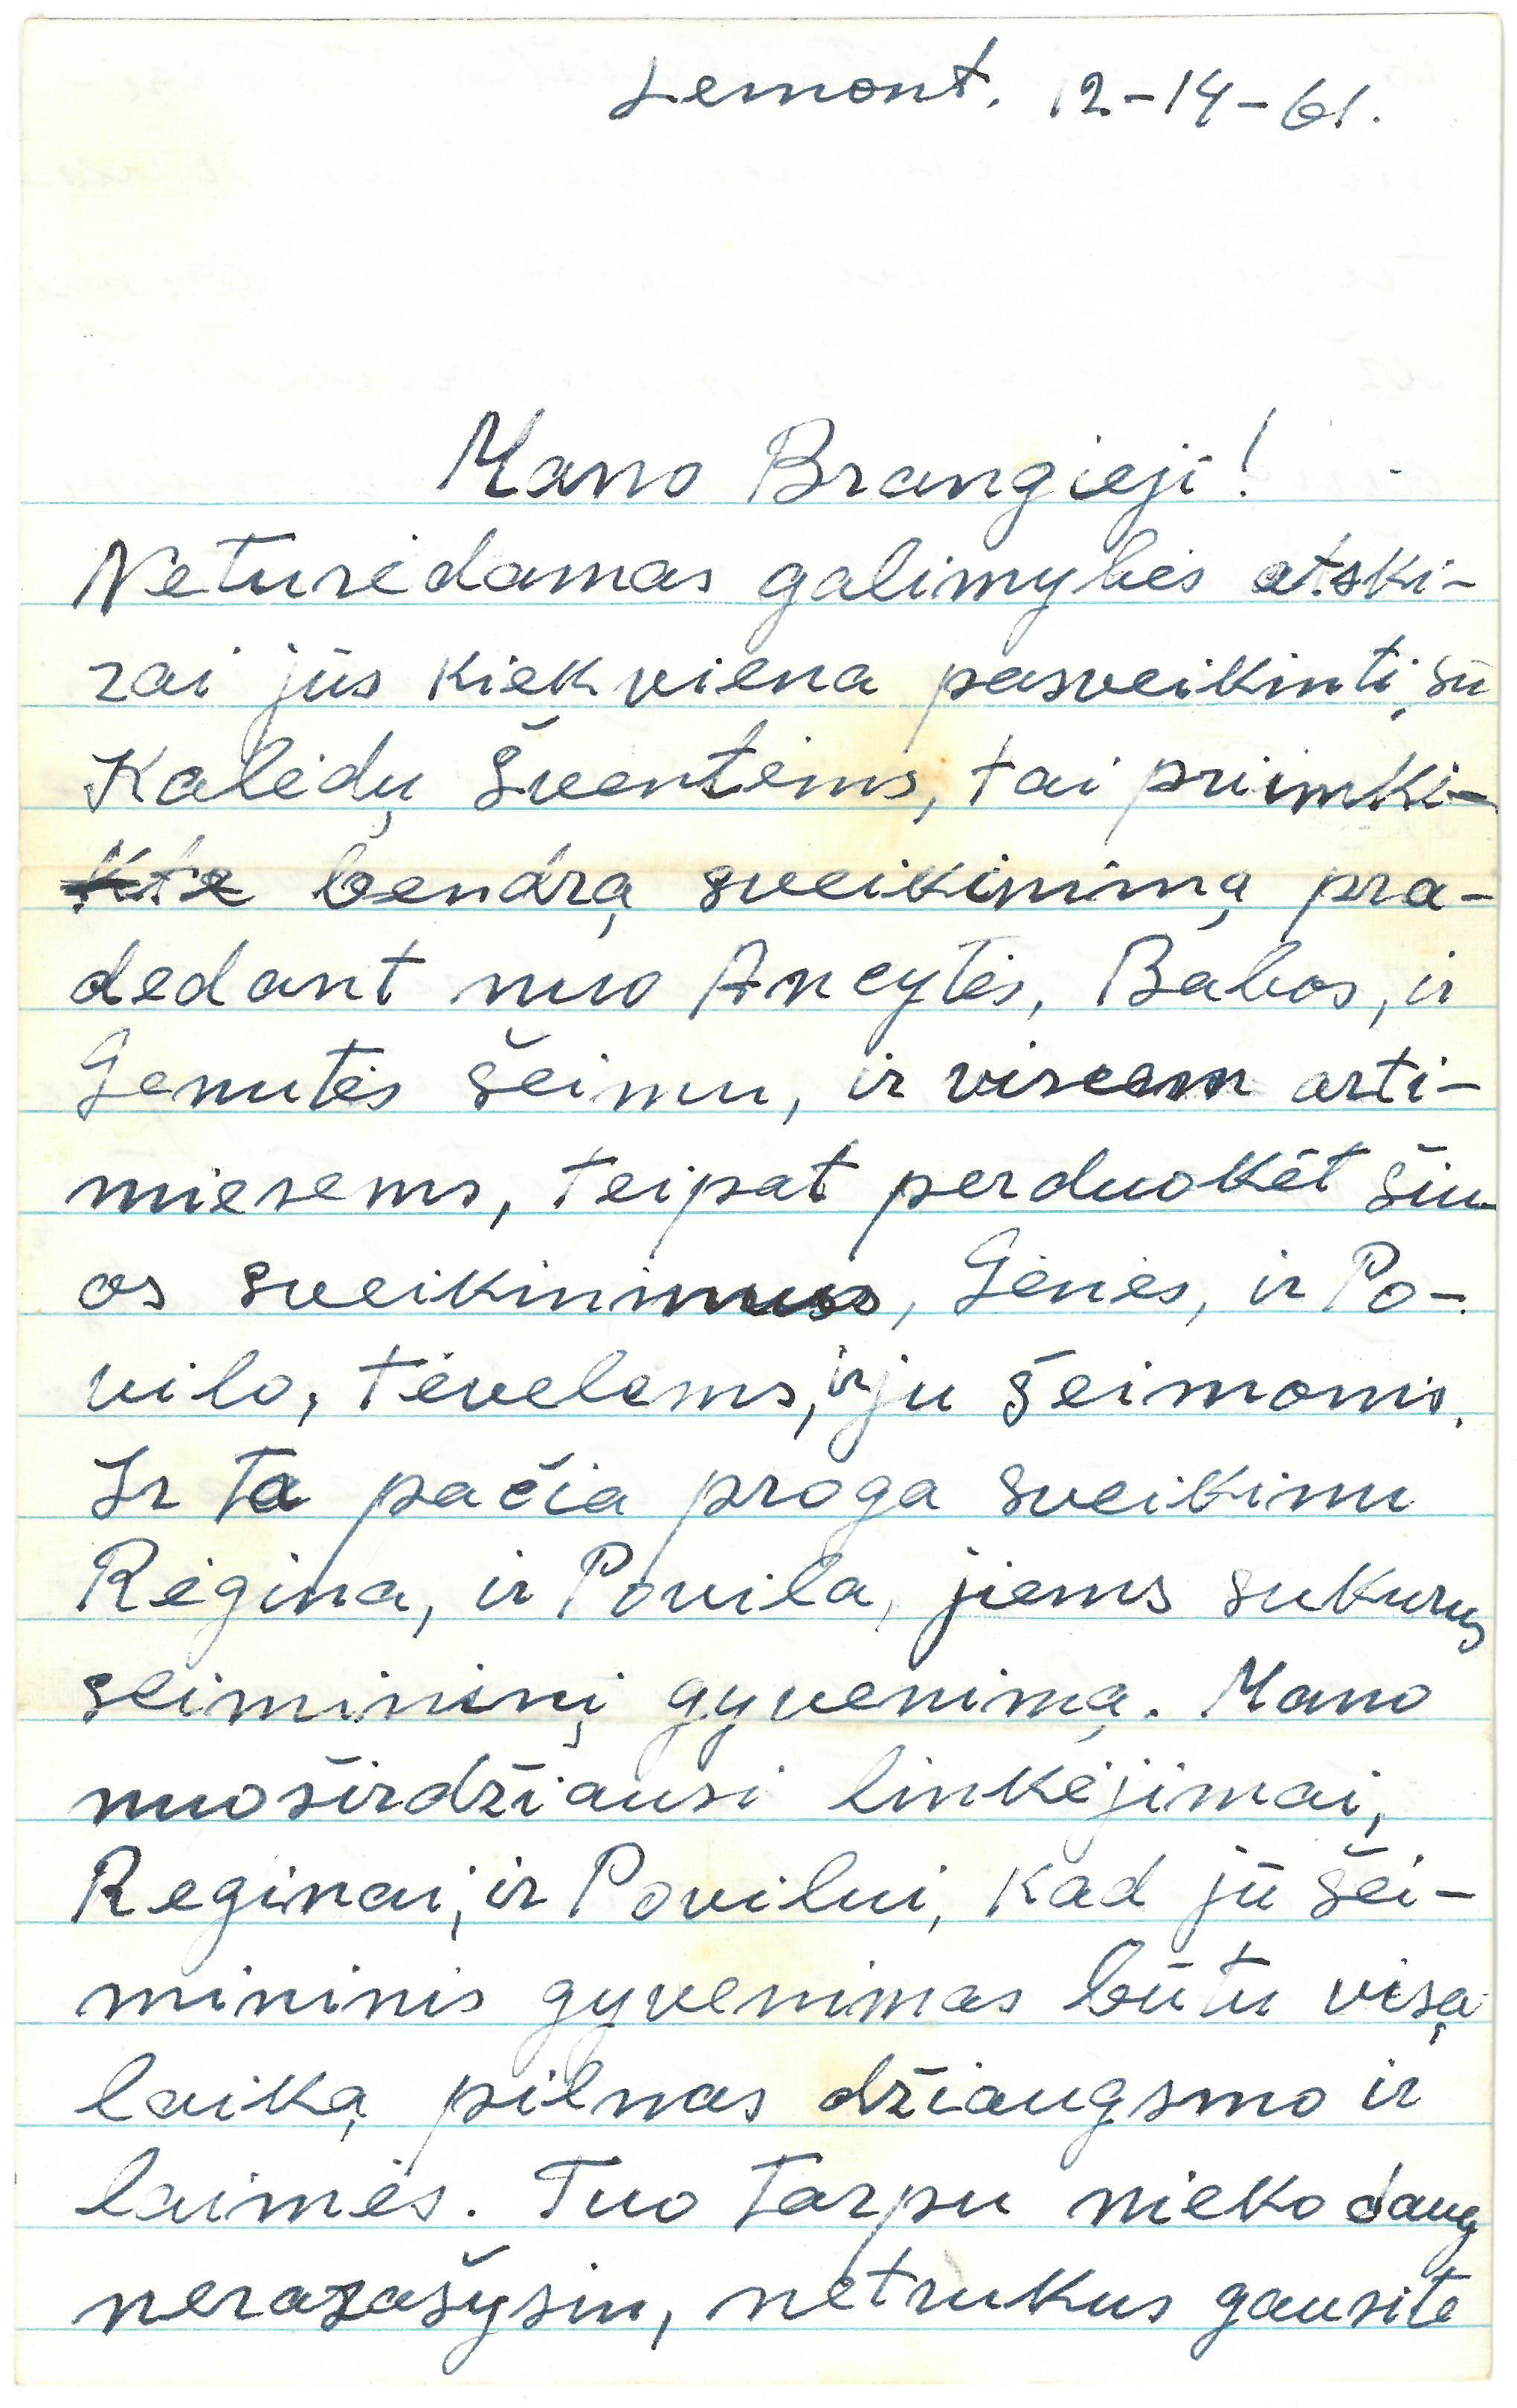 Kazio Balčiūno (slapyv. K. Chesek) laiškas  artimiesiems. 1961 m. gruodžio 14 d.